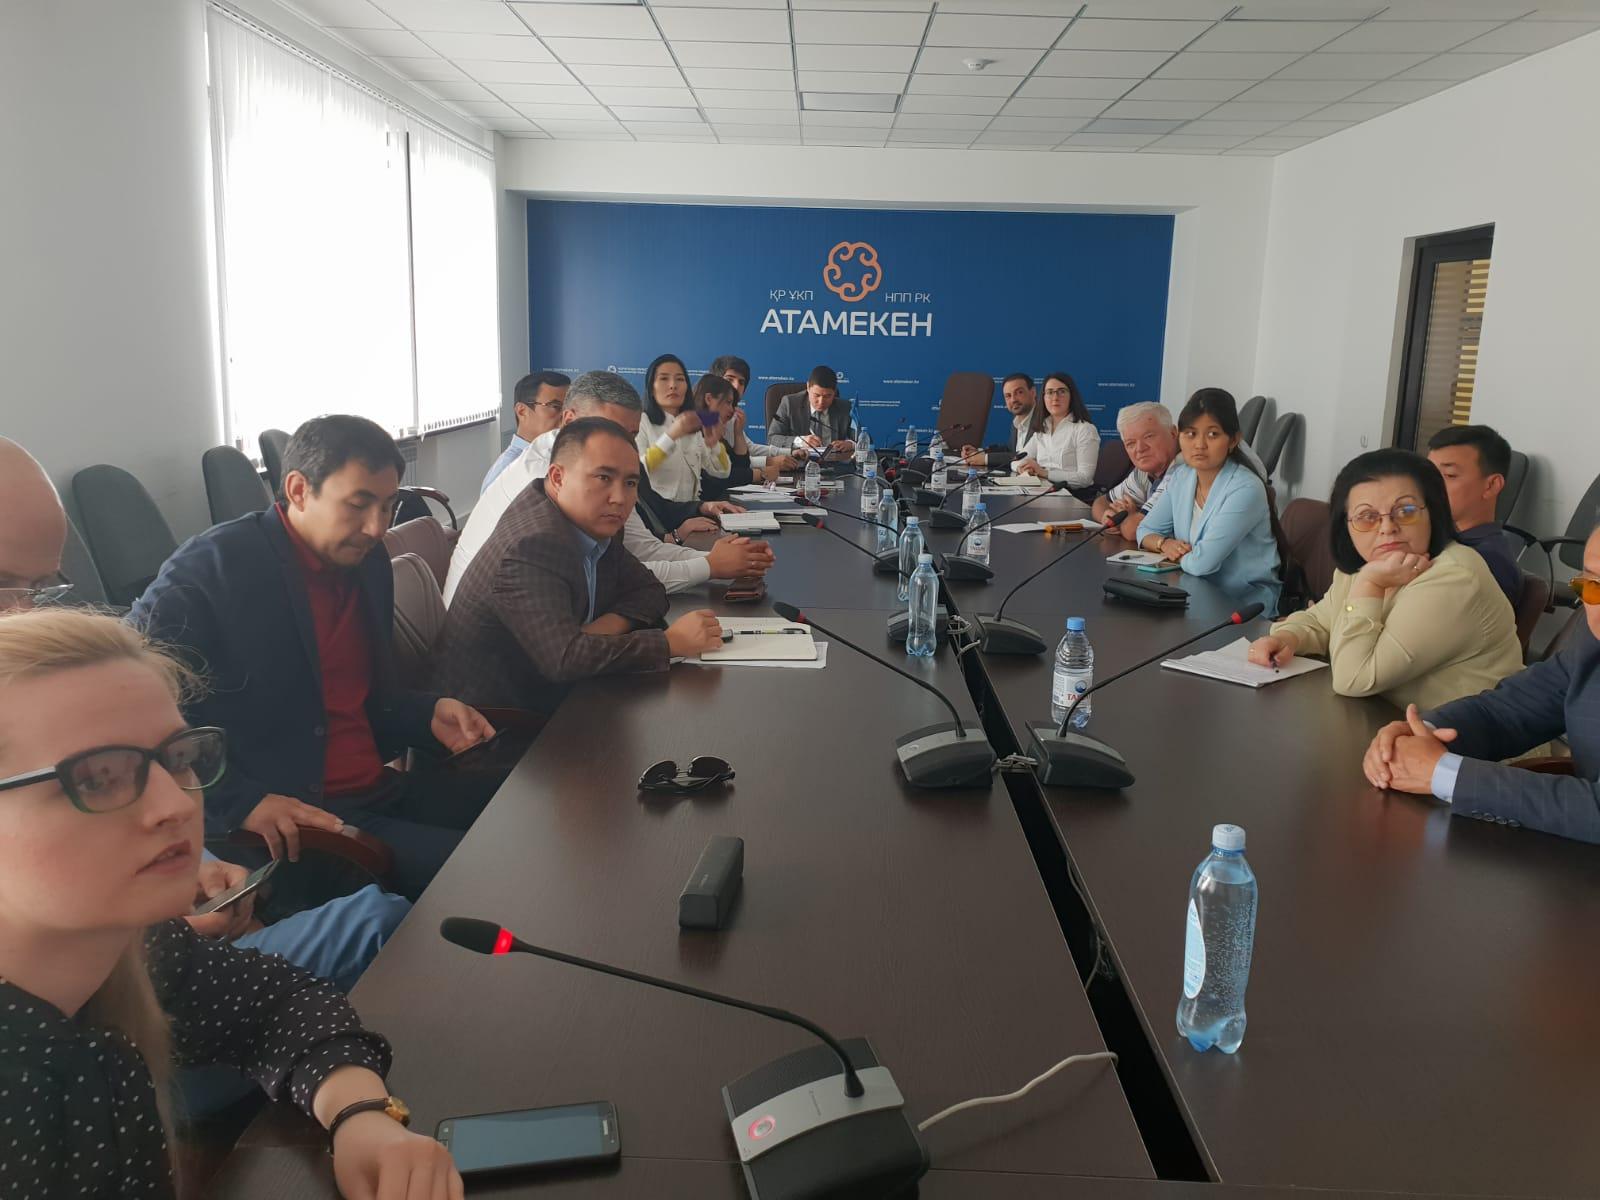 foto noticia: Viajamos a Kazajistán en la misión comercial organizada por Eraikune